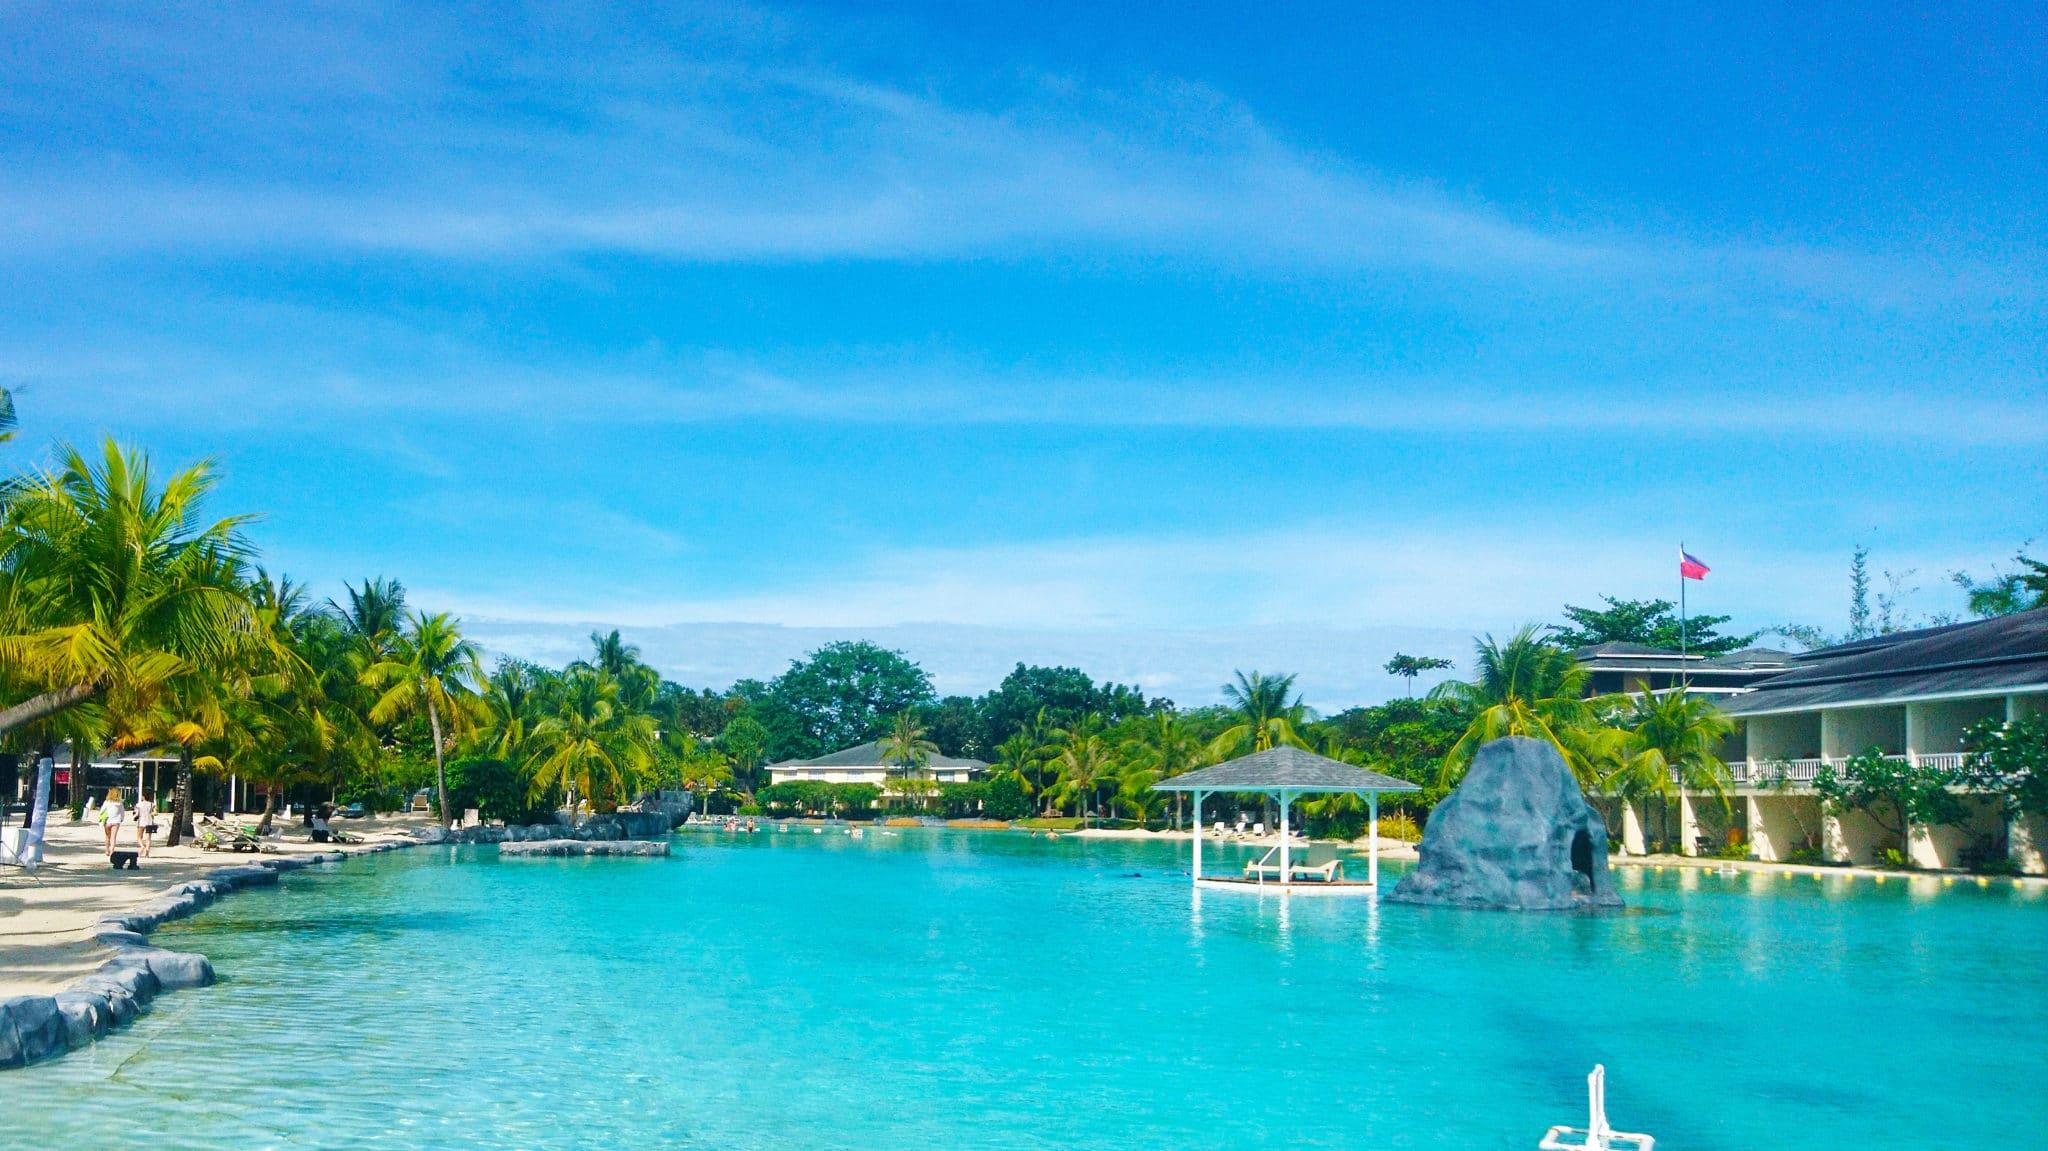 フィリピン留学でいけるリゾート地